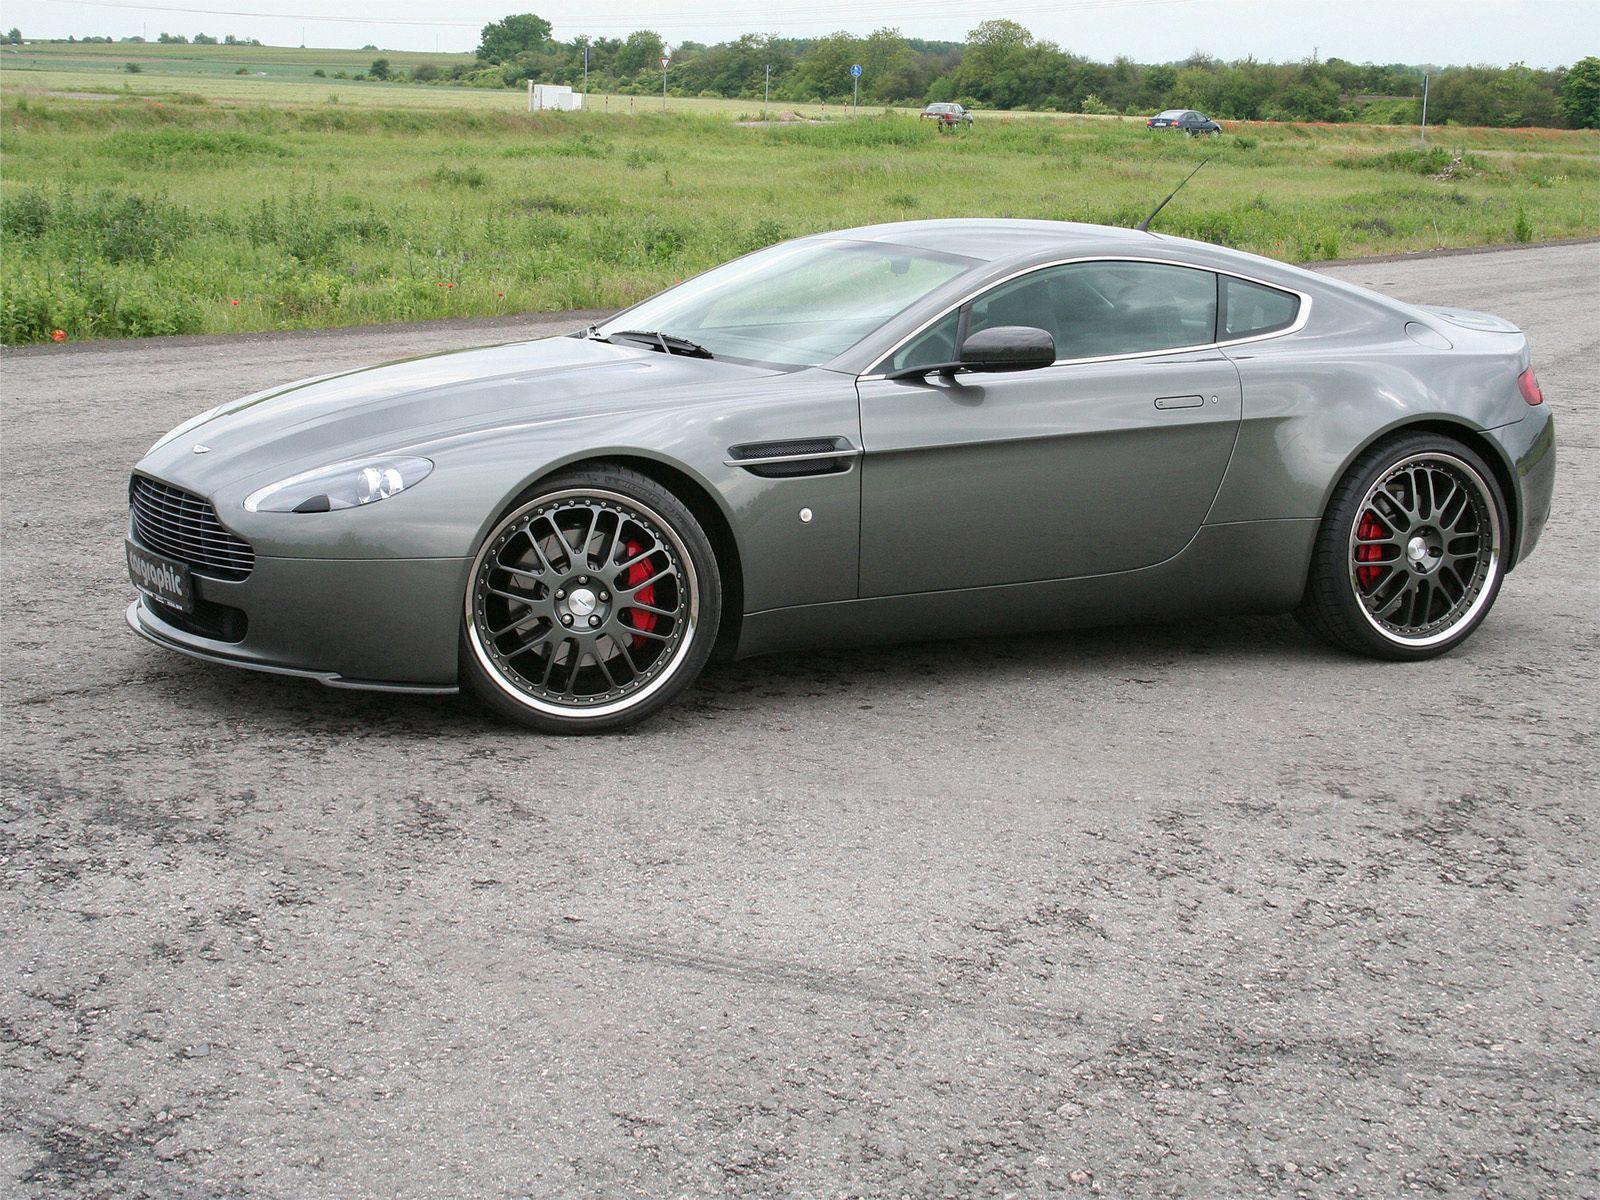 93416 скачать обои Тачки (Cars), Астон Мартин (Aston Martin), V8, Vantage, 2005, Серый, Вид Сбоку, Машины, Природа - заставки и картинки бесплатно